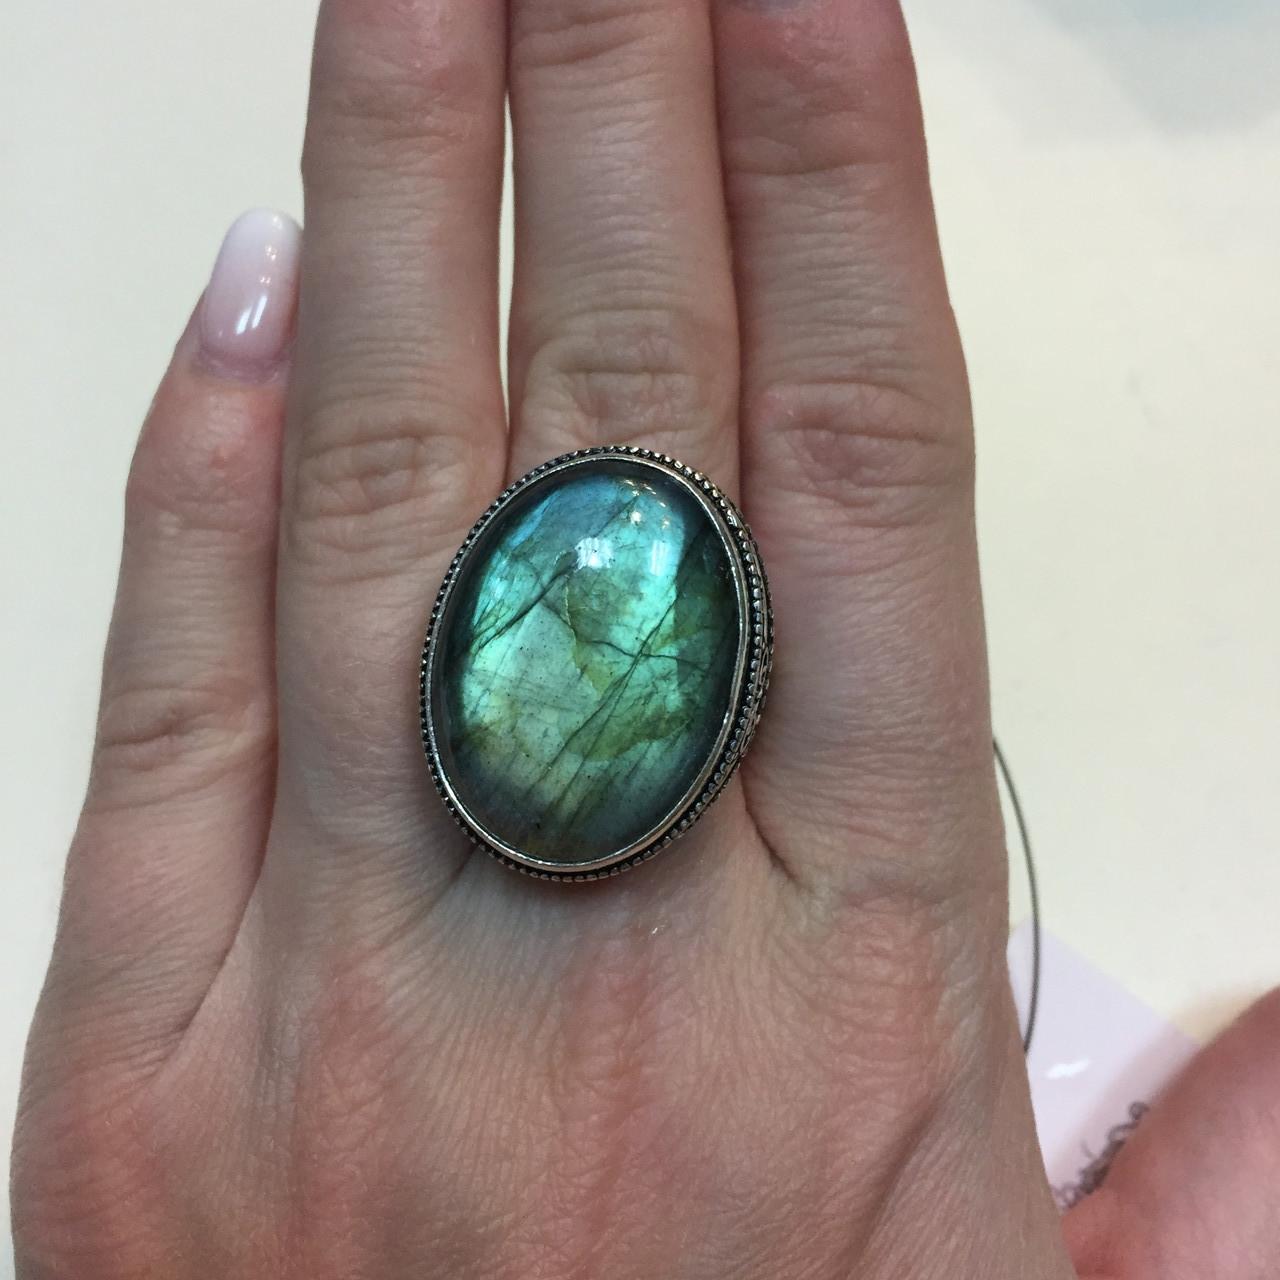 Кольцо овал лабрадор в серебре. Кольцо с лабрадором размер 20 размер Индия